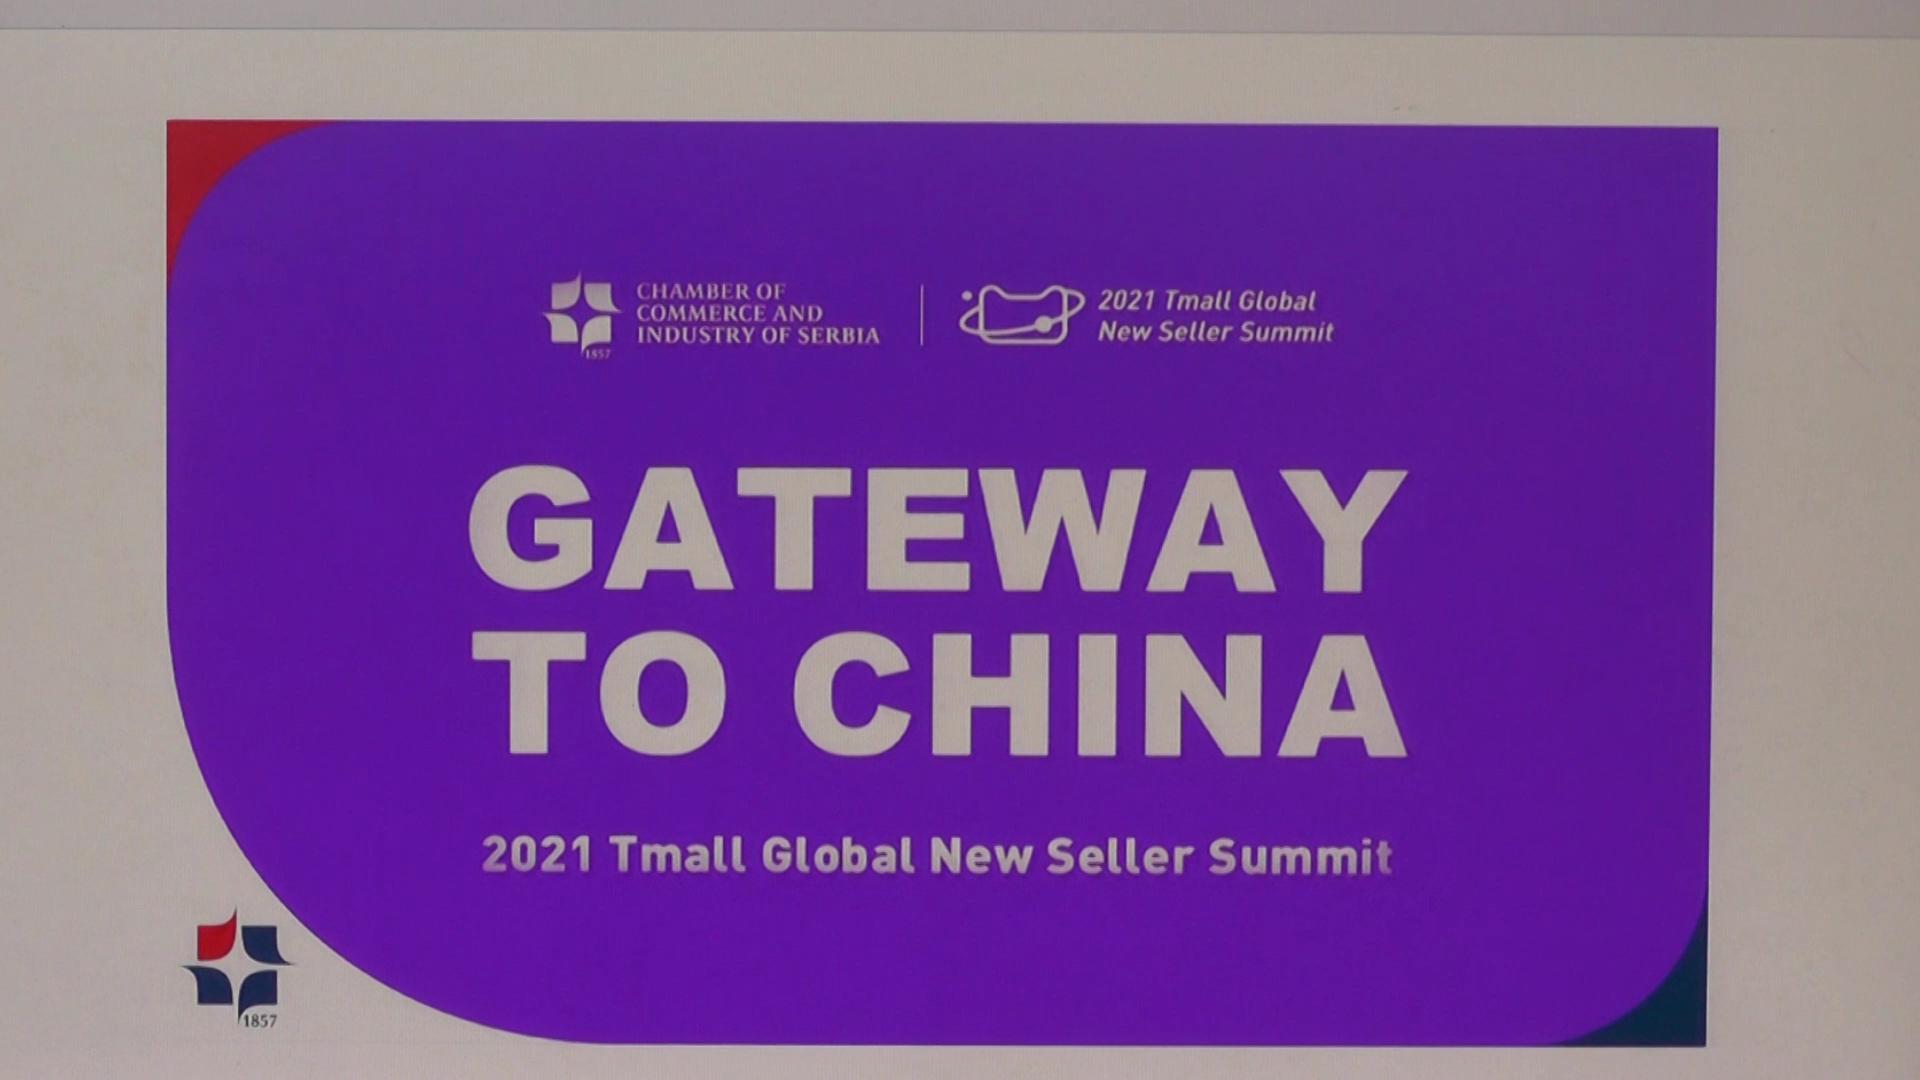 Privredna komora Srbije pozvala zainteresovane kompanije da učestvuju na Alibabinom virtuelnom samitu za nove prodavce Tmall Global